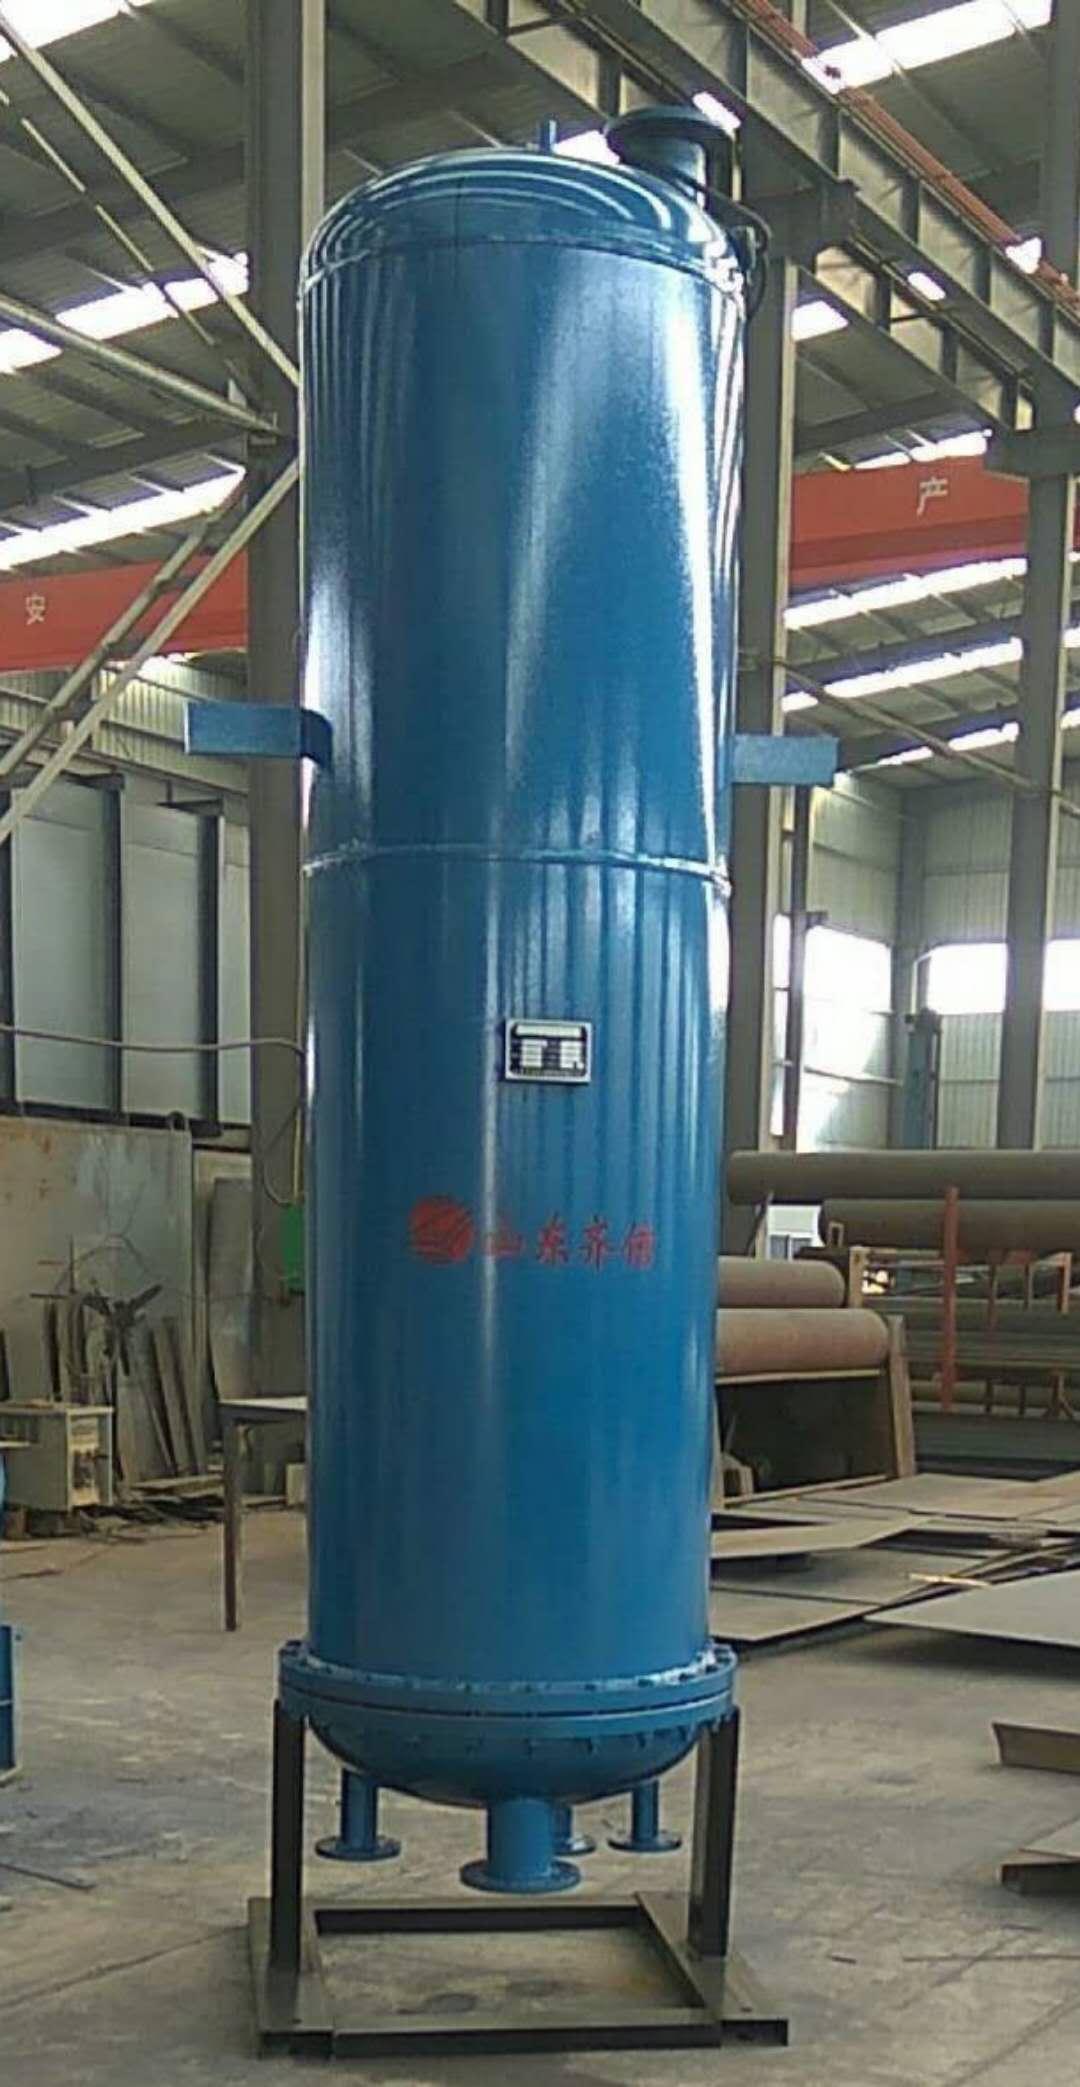 山东西王新村社区―生活热水项目